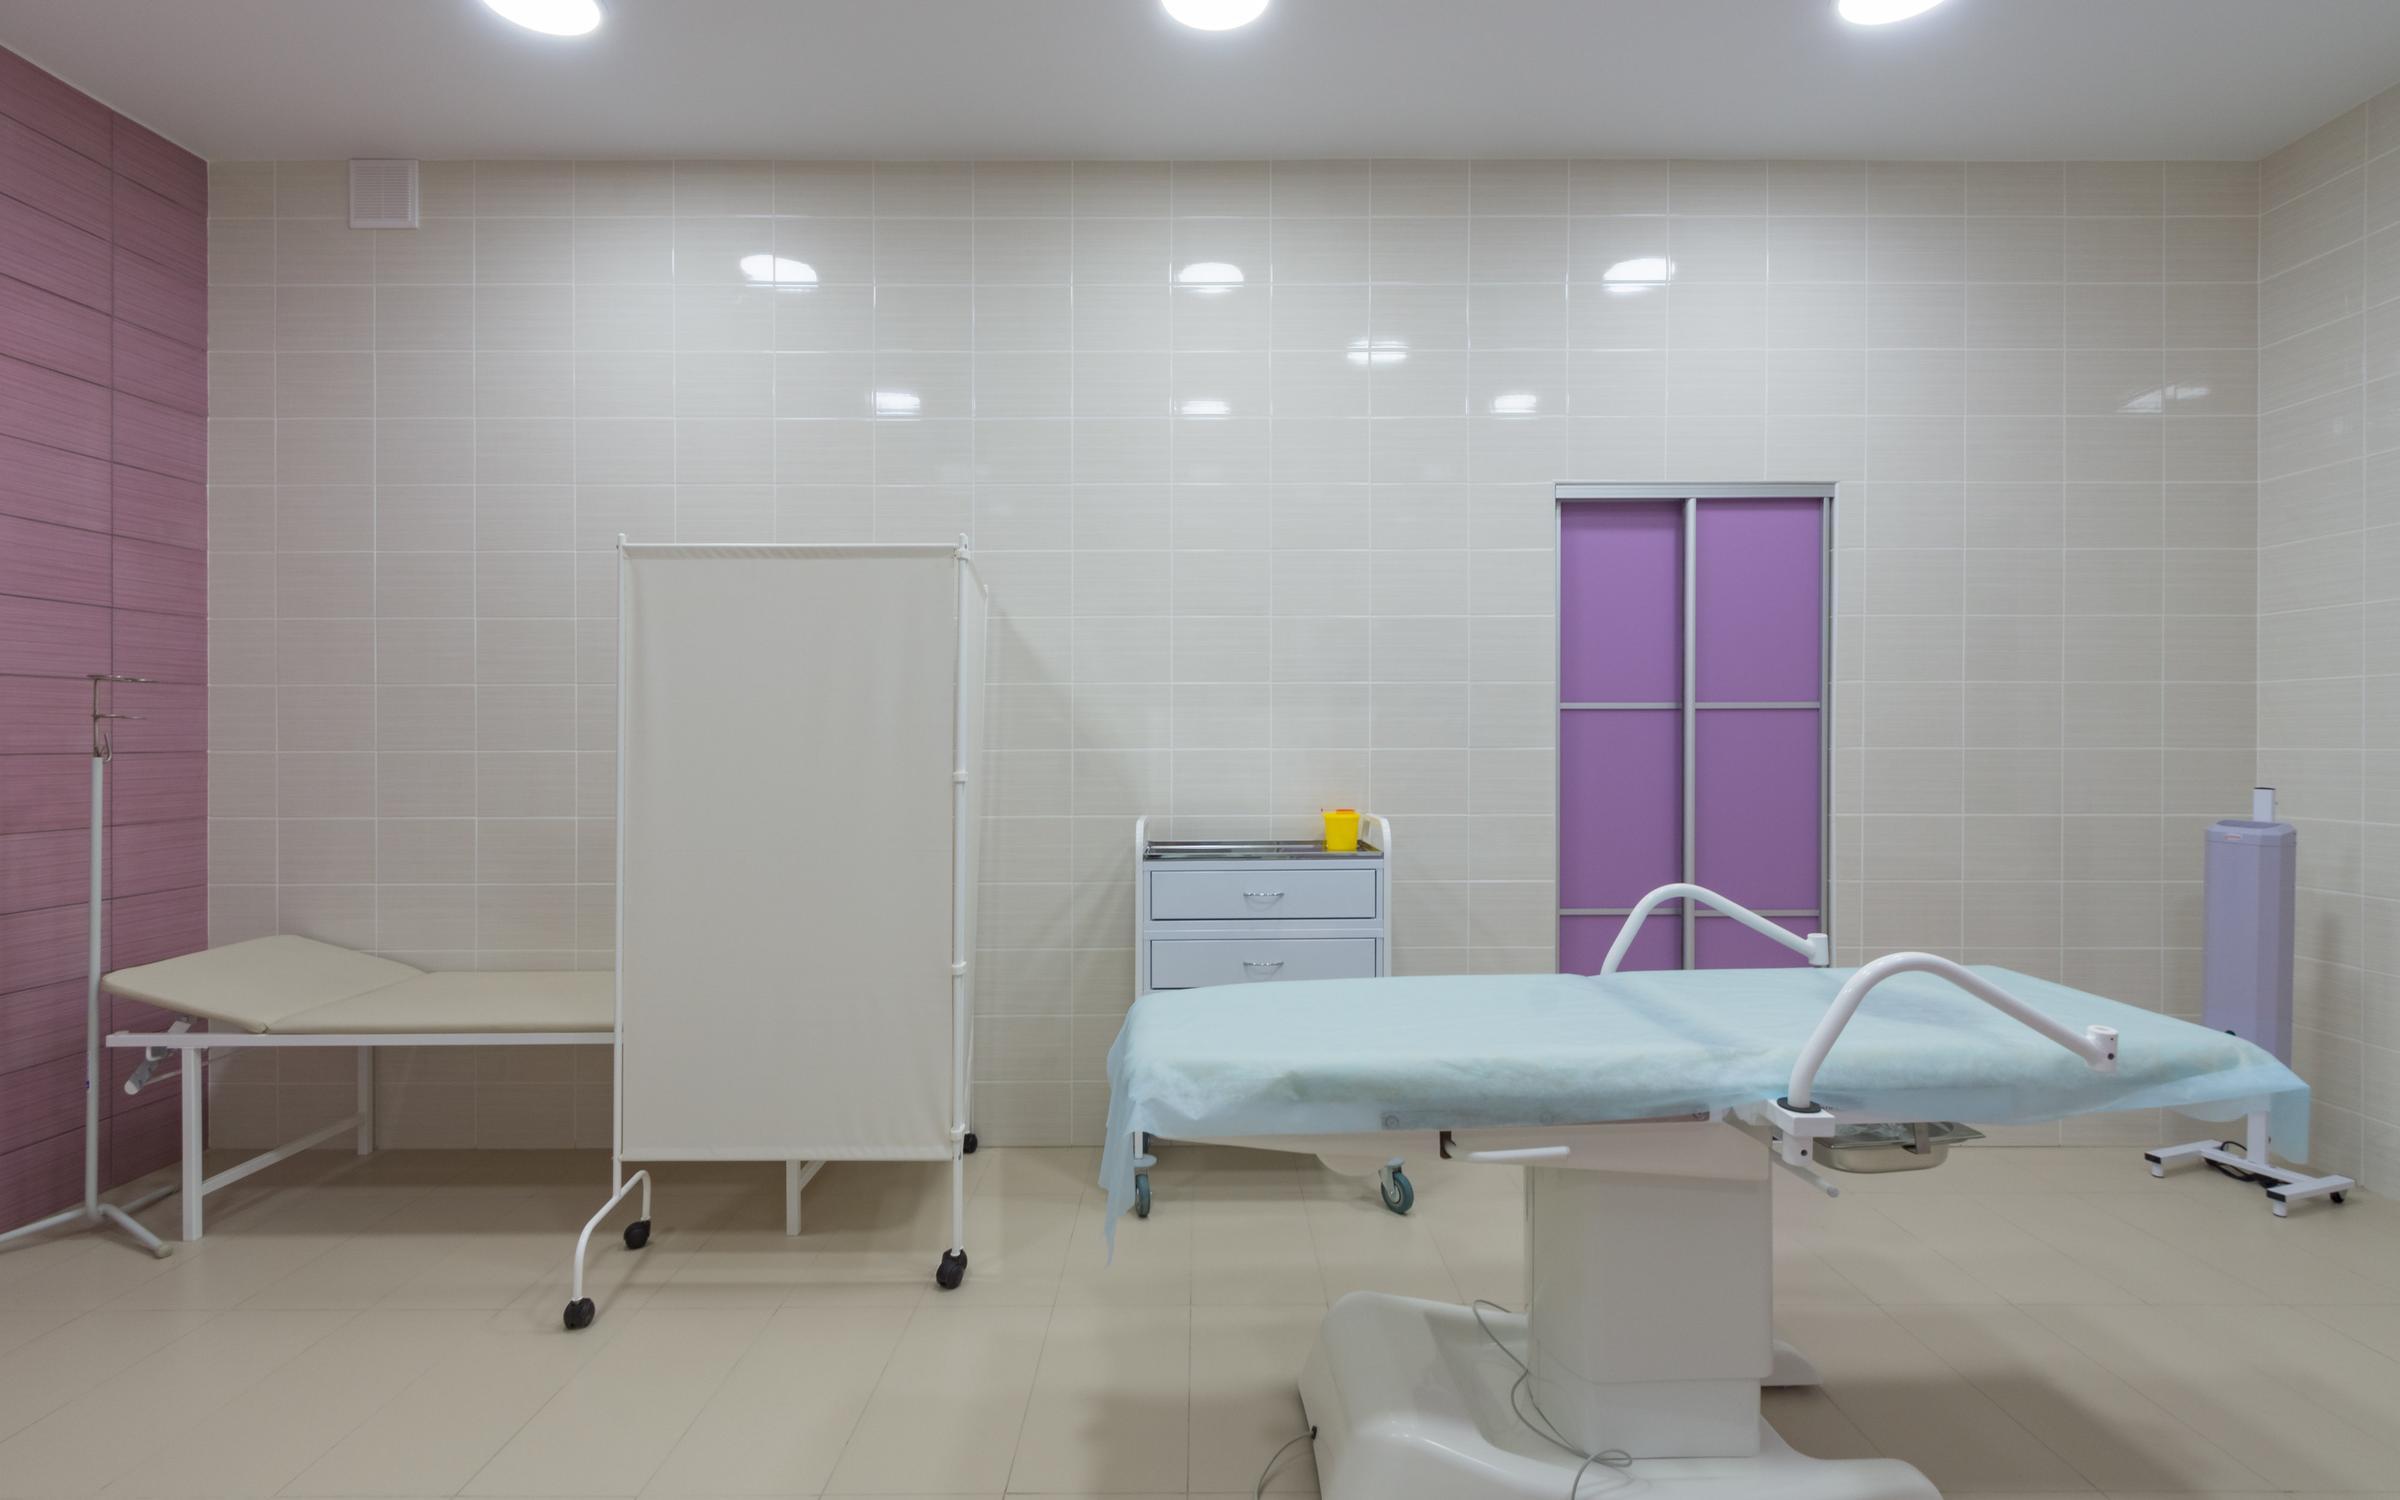 Альтермед  сеть частных клиник в СанктПетербурге